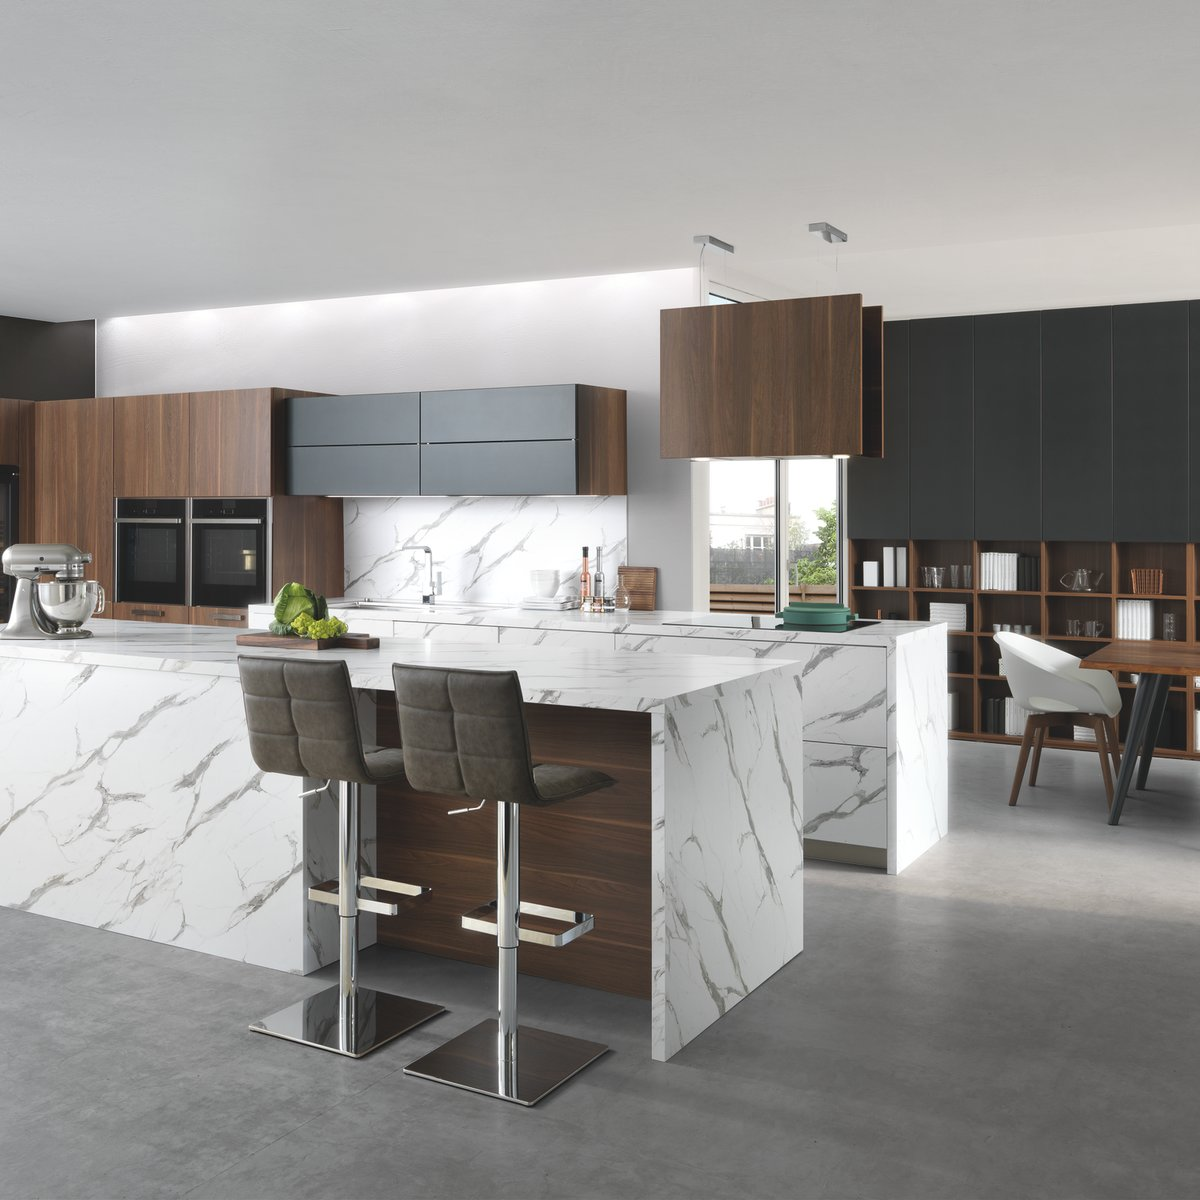 Schmidt cocinas y muebles para el hogar murcia nueva for Muebles de cocina murcia